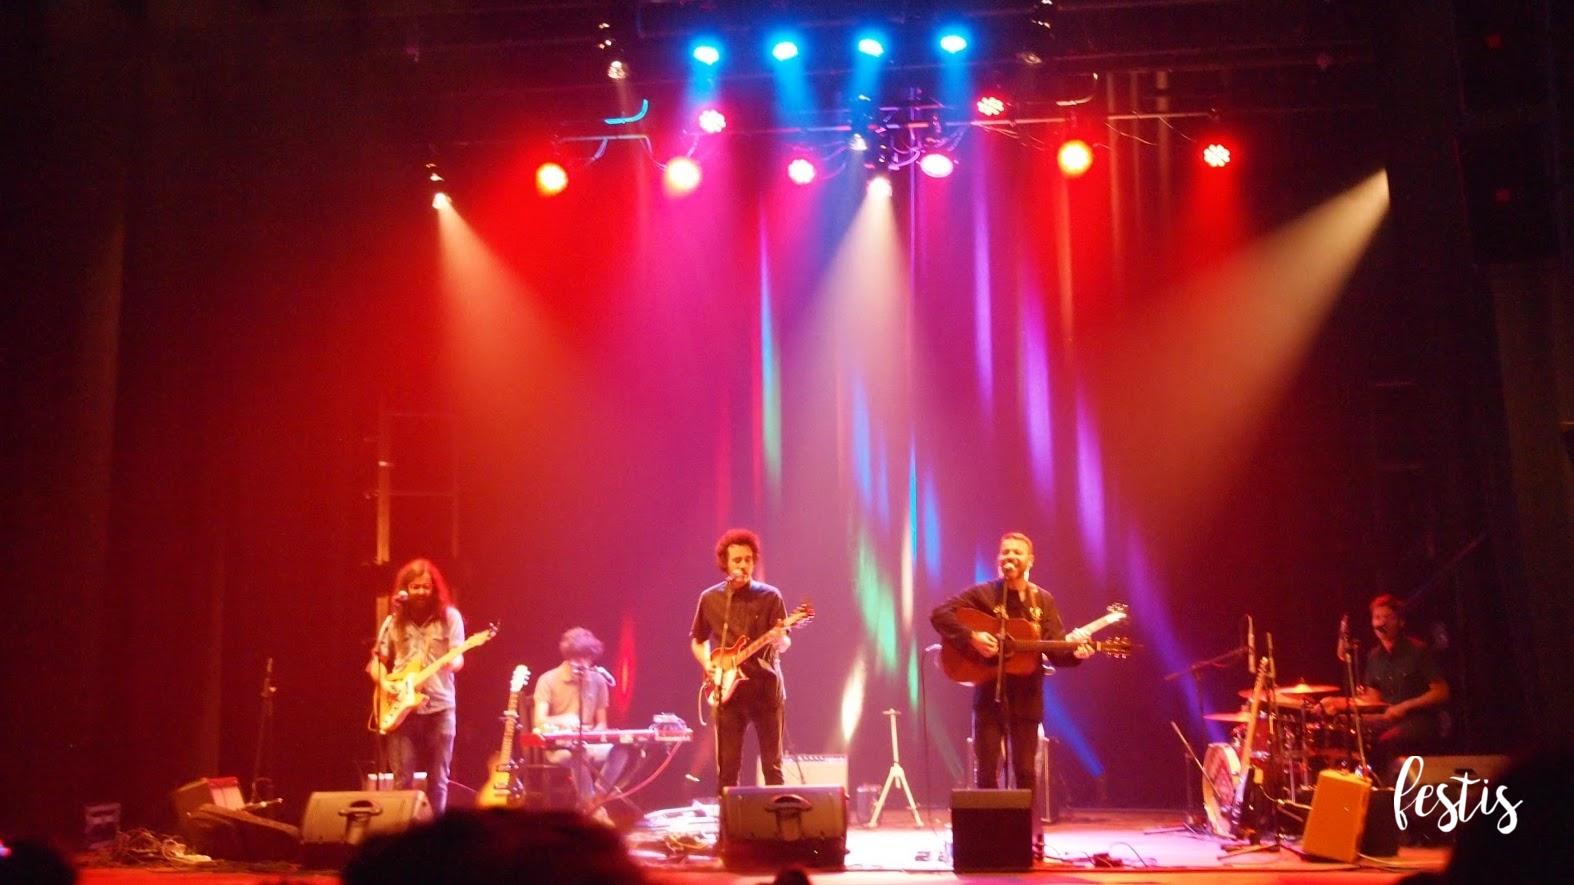 Os Amigos dos Músicos, Atlantic Fest 2017